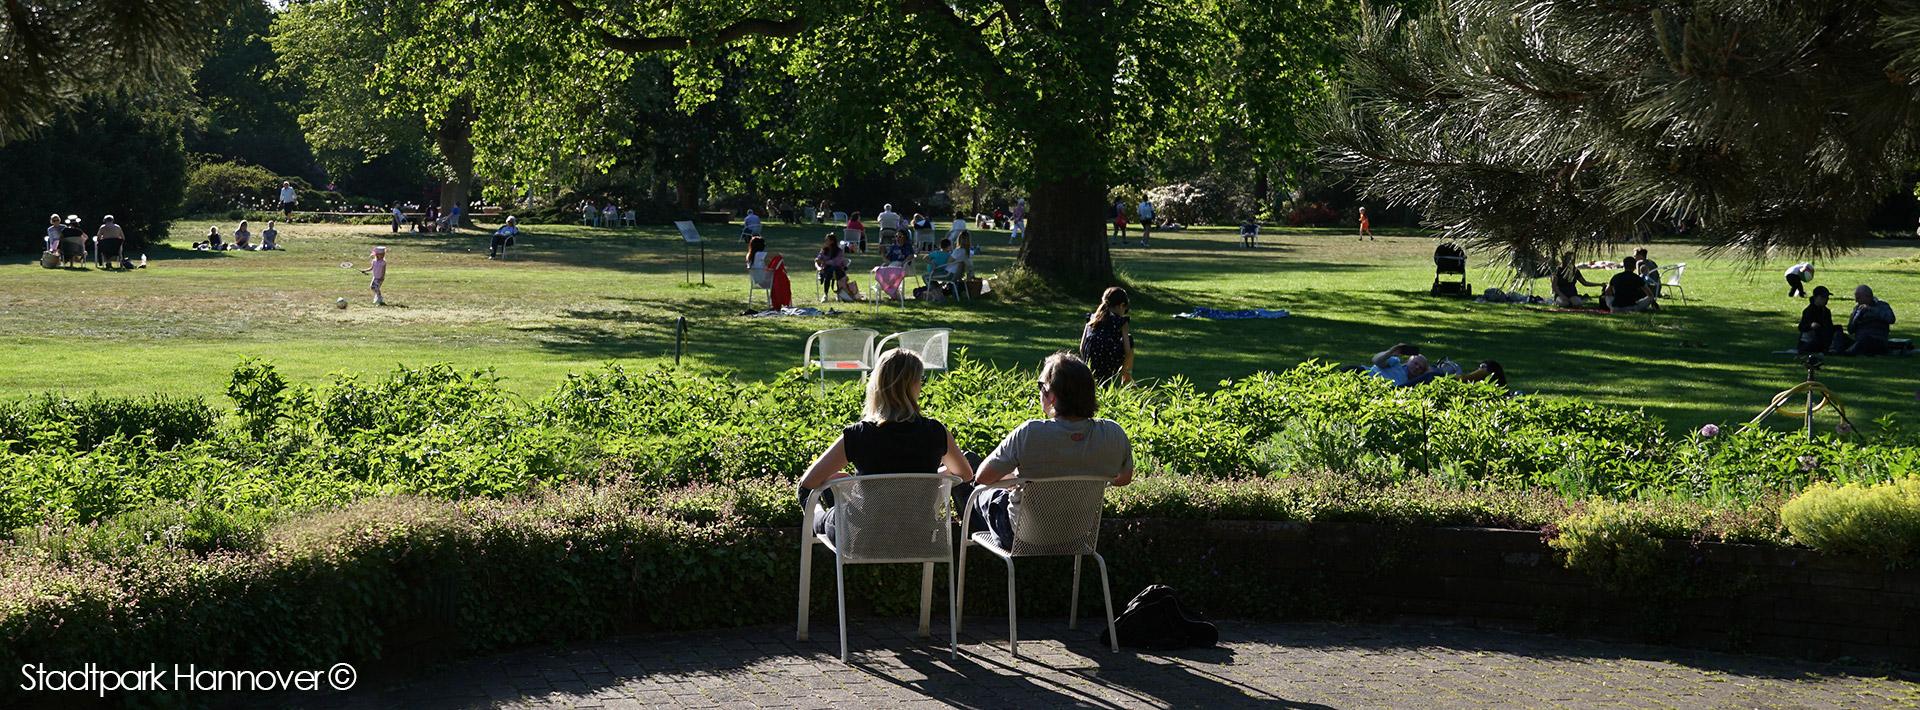 stadtpark_hannover1